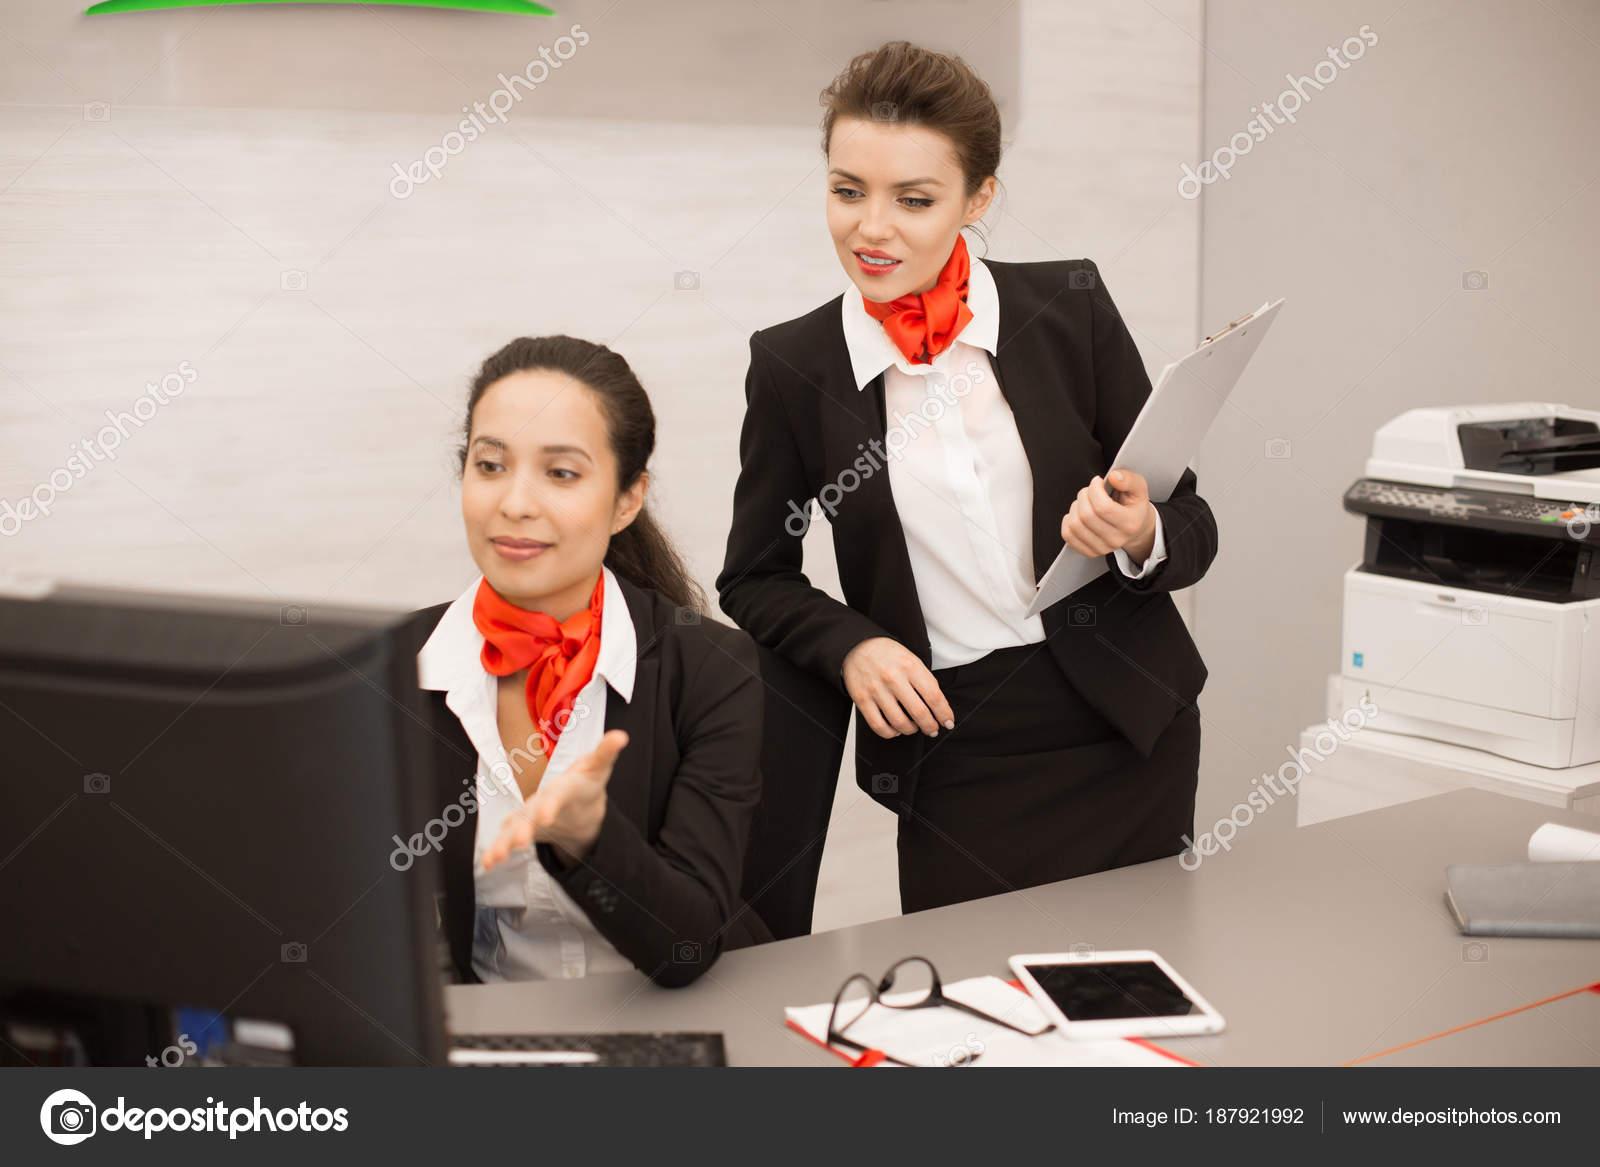 Portrait deux femmes affaires jolis vêtu uniforme noir rouge aide